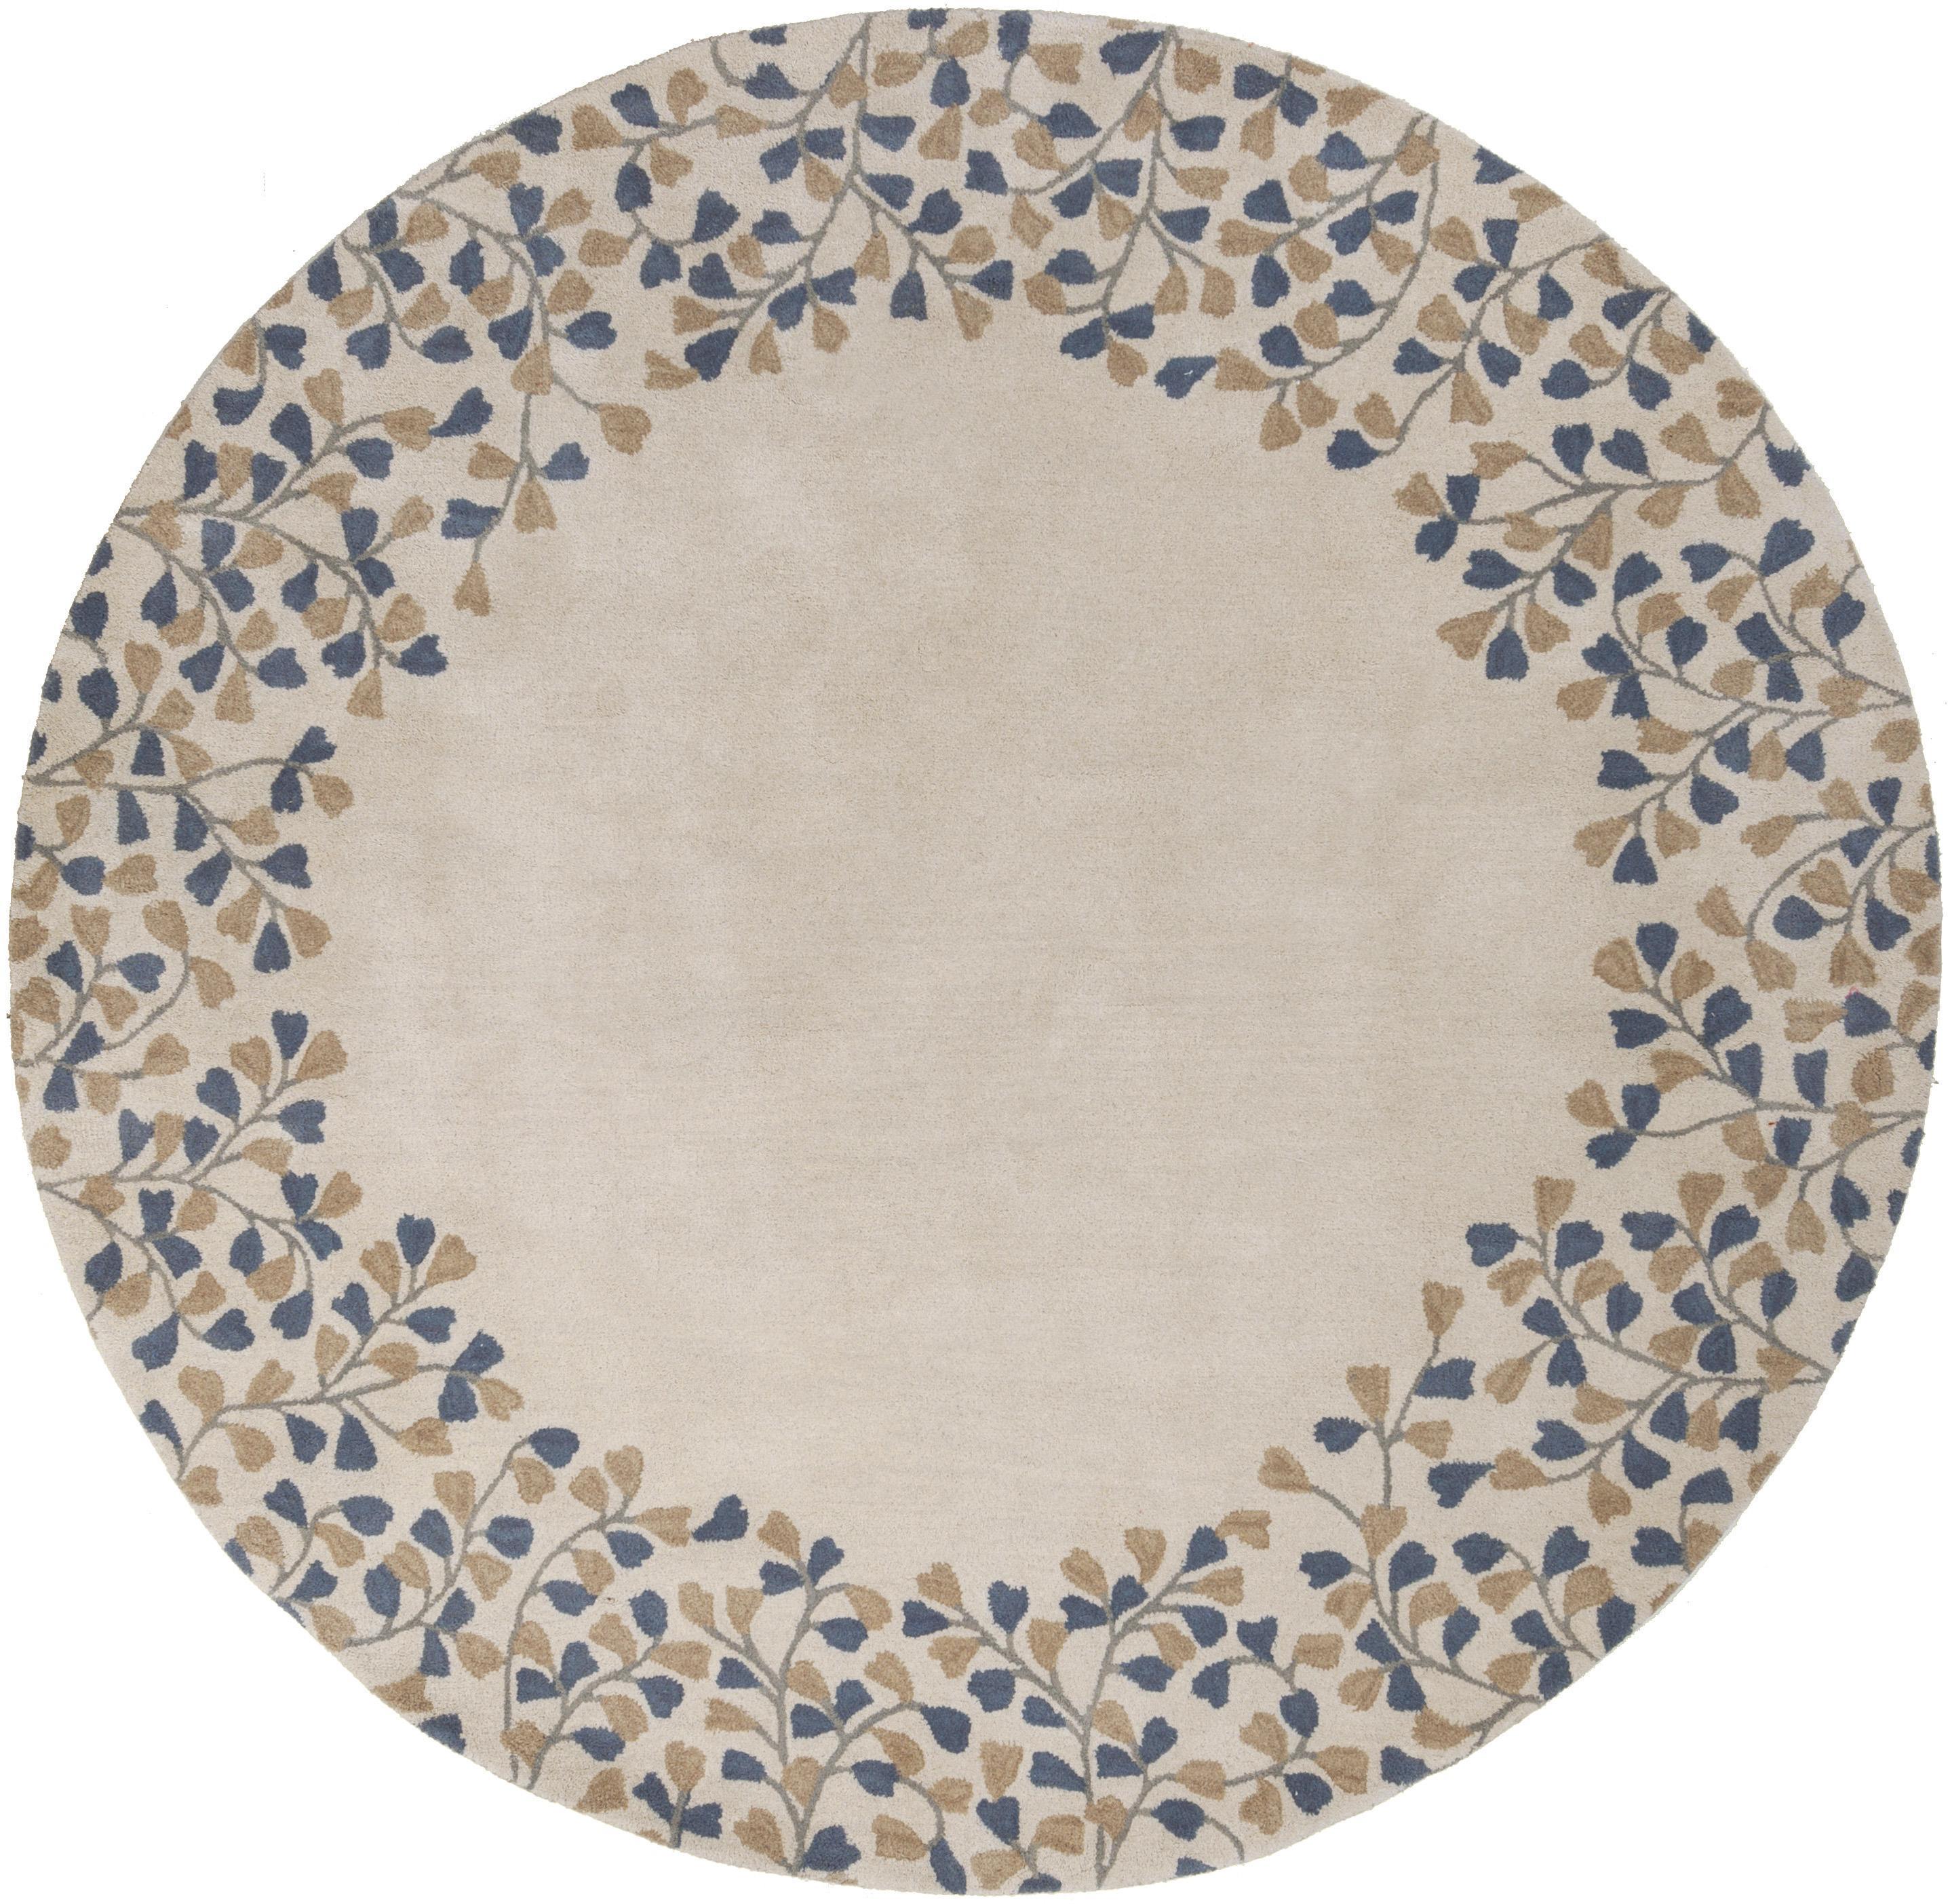 Surya Athena 6' Round - Item Number: ATH5117-6RD